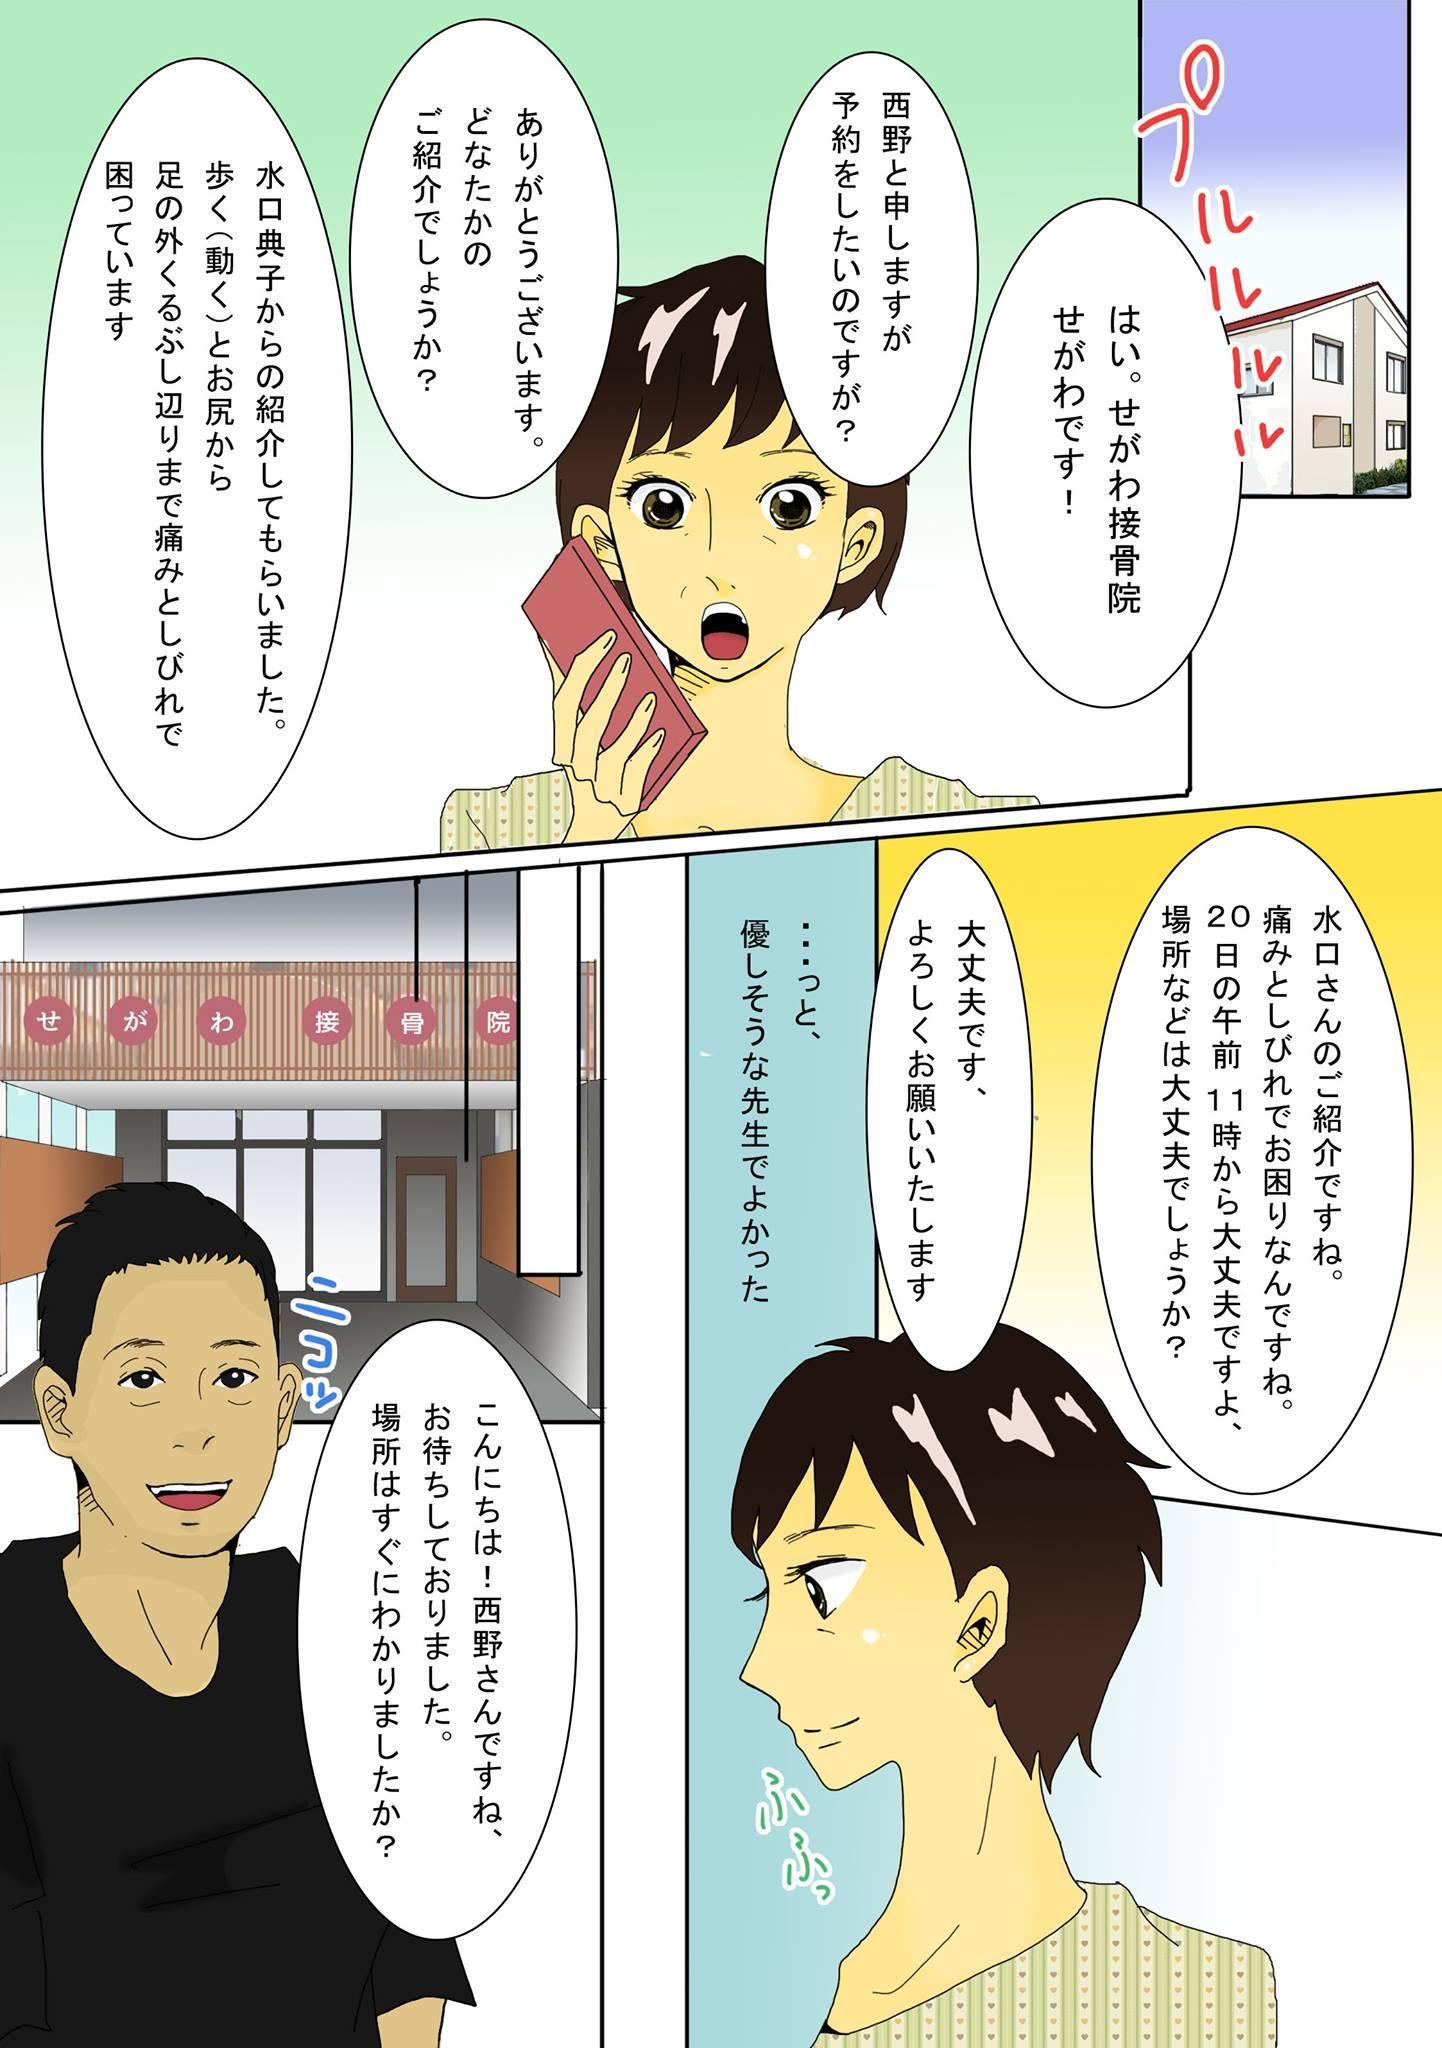 腰痛専門 せがわ接骨院漫画05